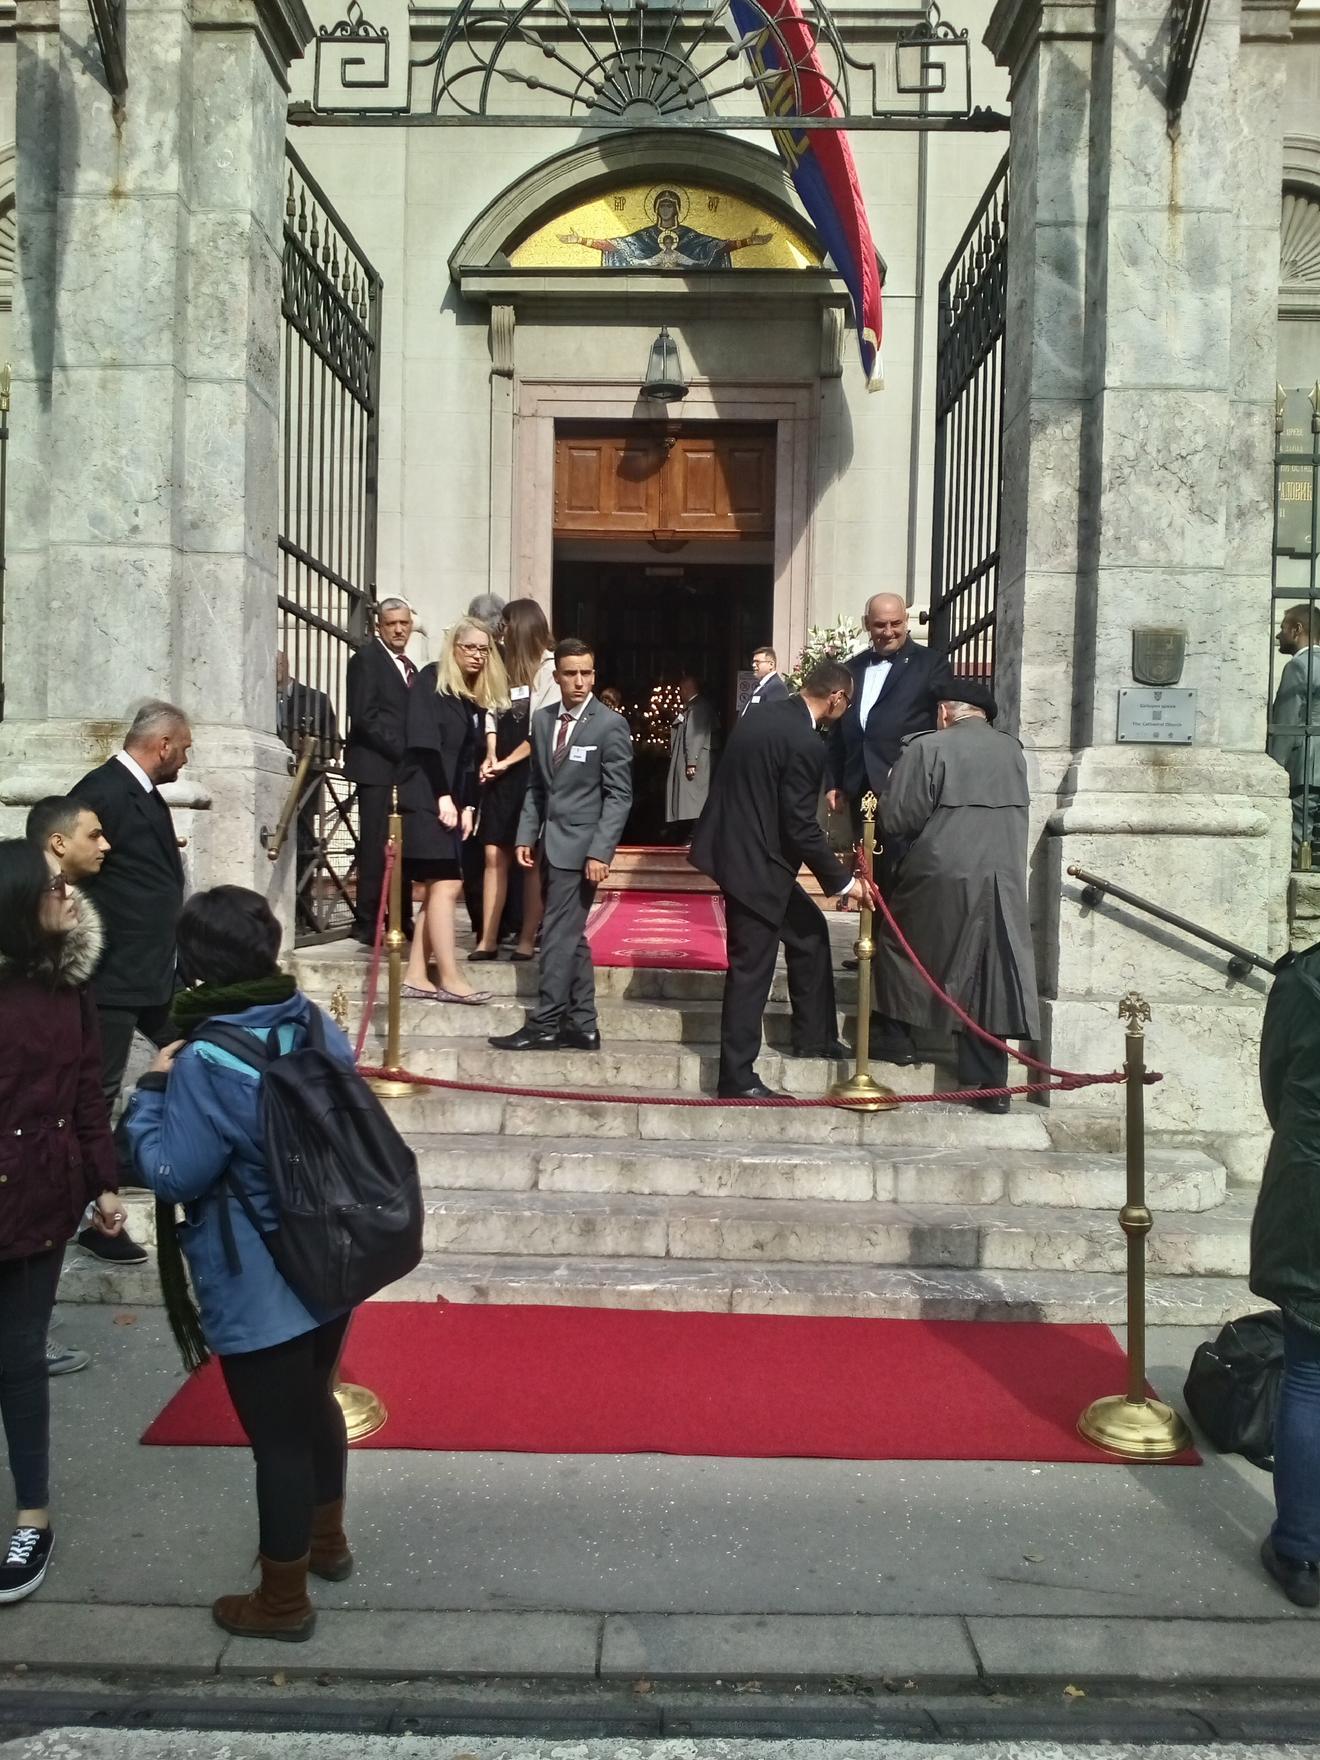 Sat vremena pre venčanja krenulo je da raste uzbuđenje, crveni tepih je bio spreman,a počele su da pristižu i prve zvanice